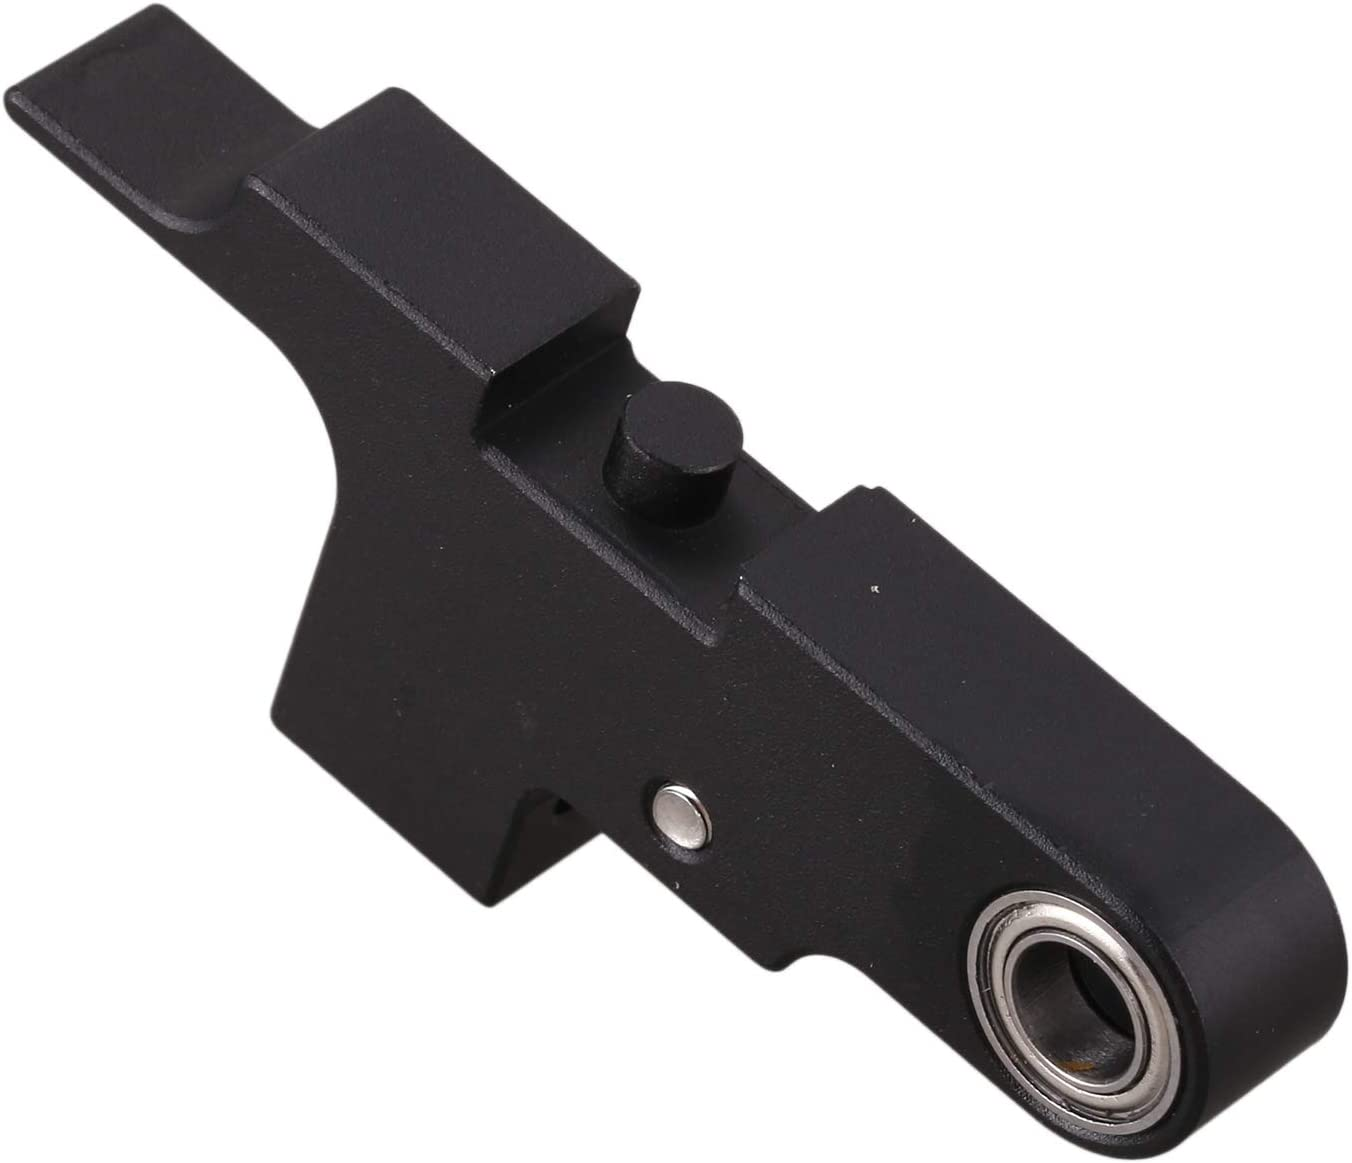 Fanuse Unit/é de Mise /à Niveau pour Imprimante 3D TITA Aero Extrudeuse de M/éTaux Bras Vide pour 1,75 Mm Prusa I3 MK2 Arllery Sidewinder X1